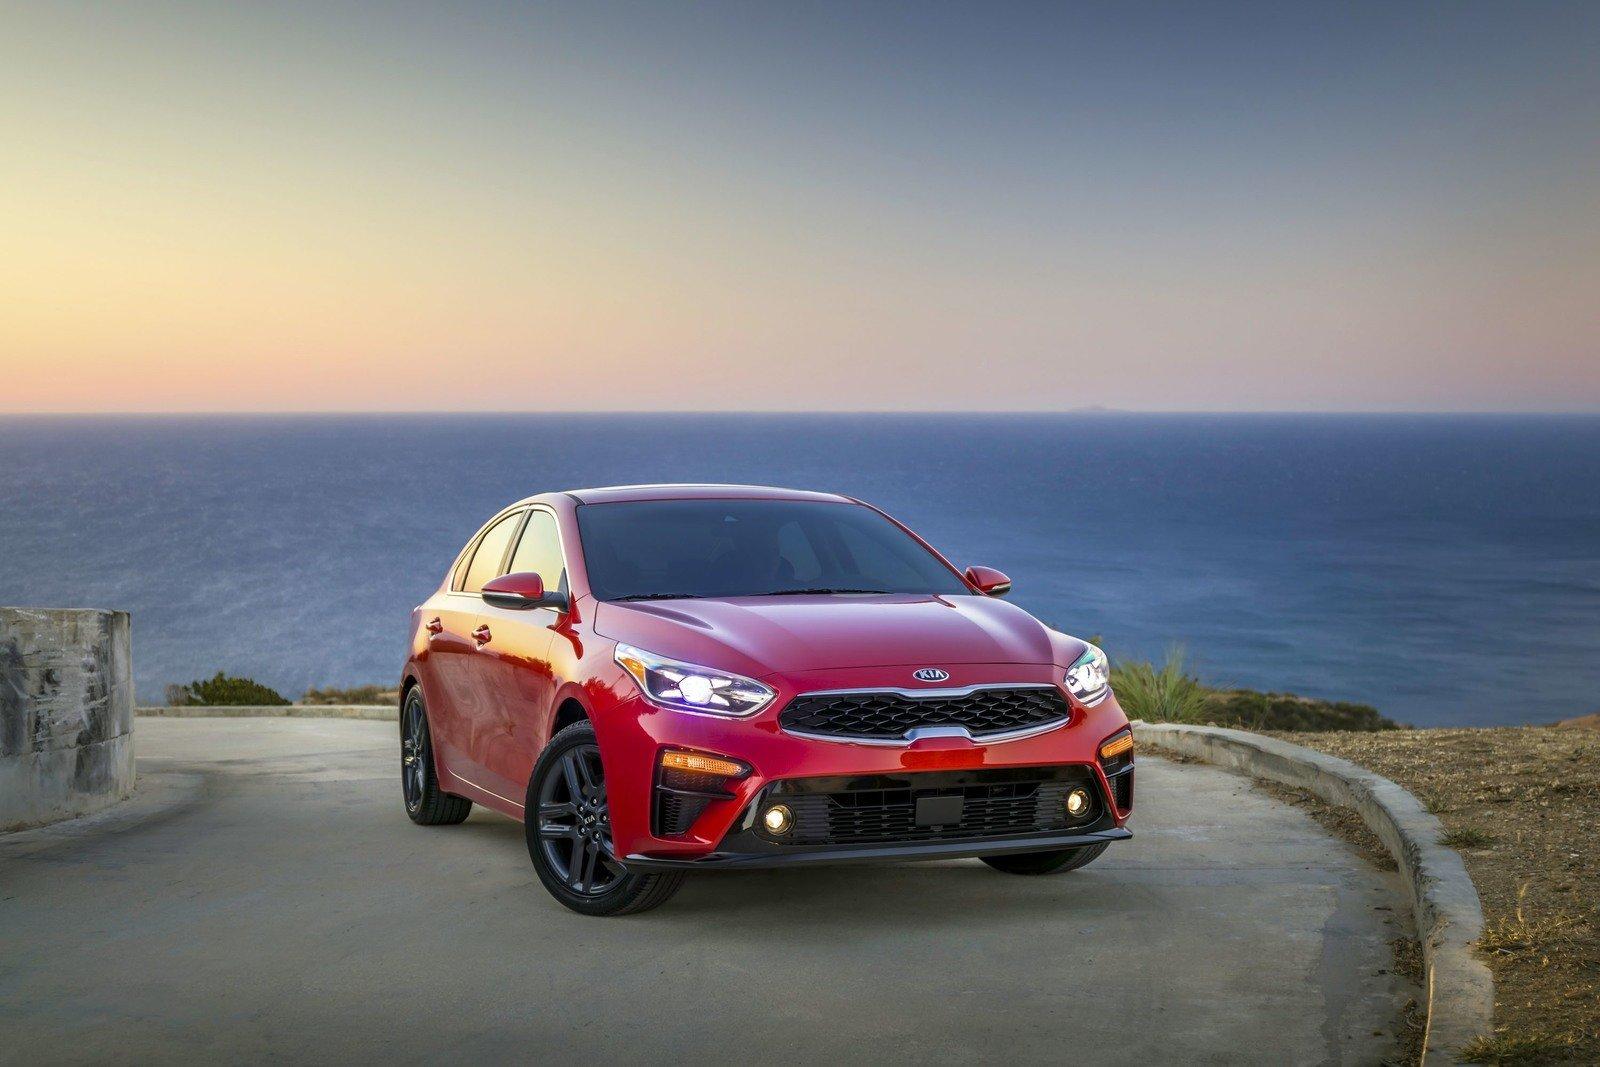 So sánh xe Mazda 3 2018 và Kia Cerato 2019 - Ảnh 3.